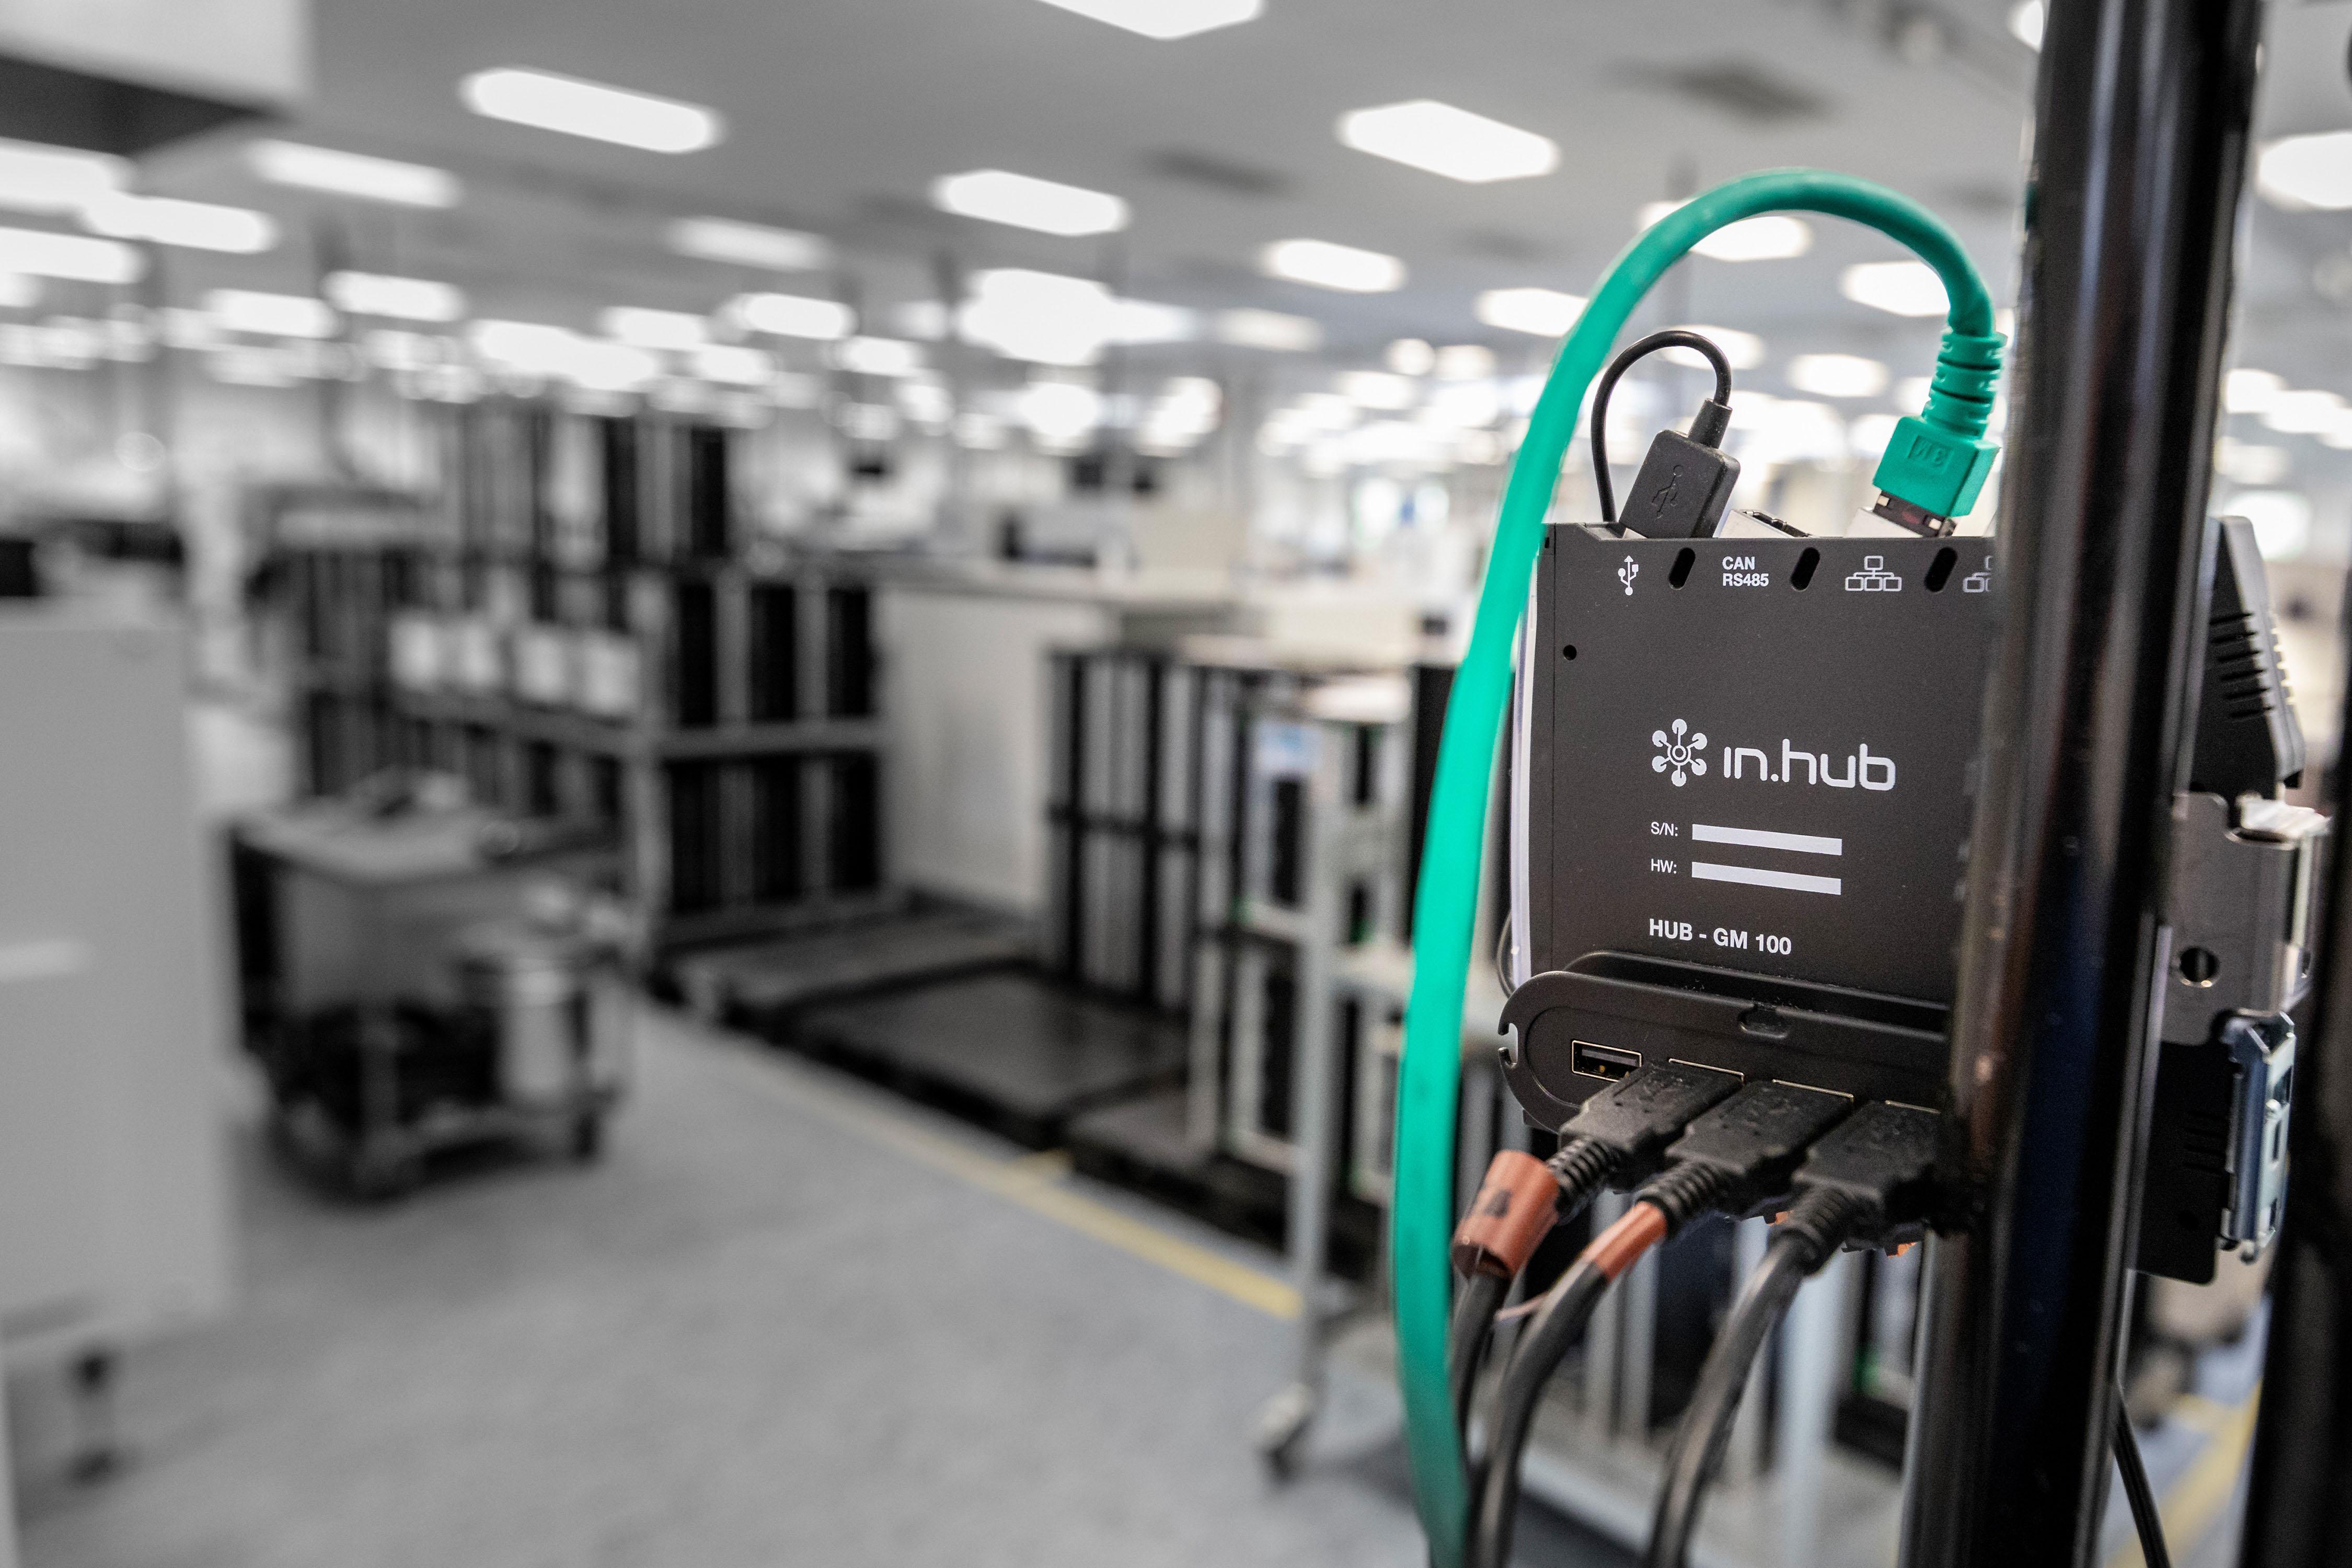 Das Gateway ist auch beim Vertriebspartner Conrad Electronic SE erhältlich. (Bild: In.hub GmbH)